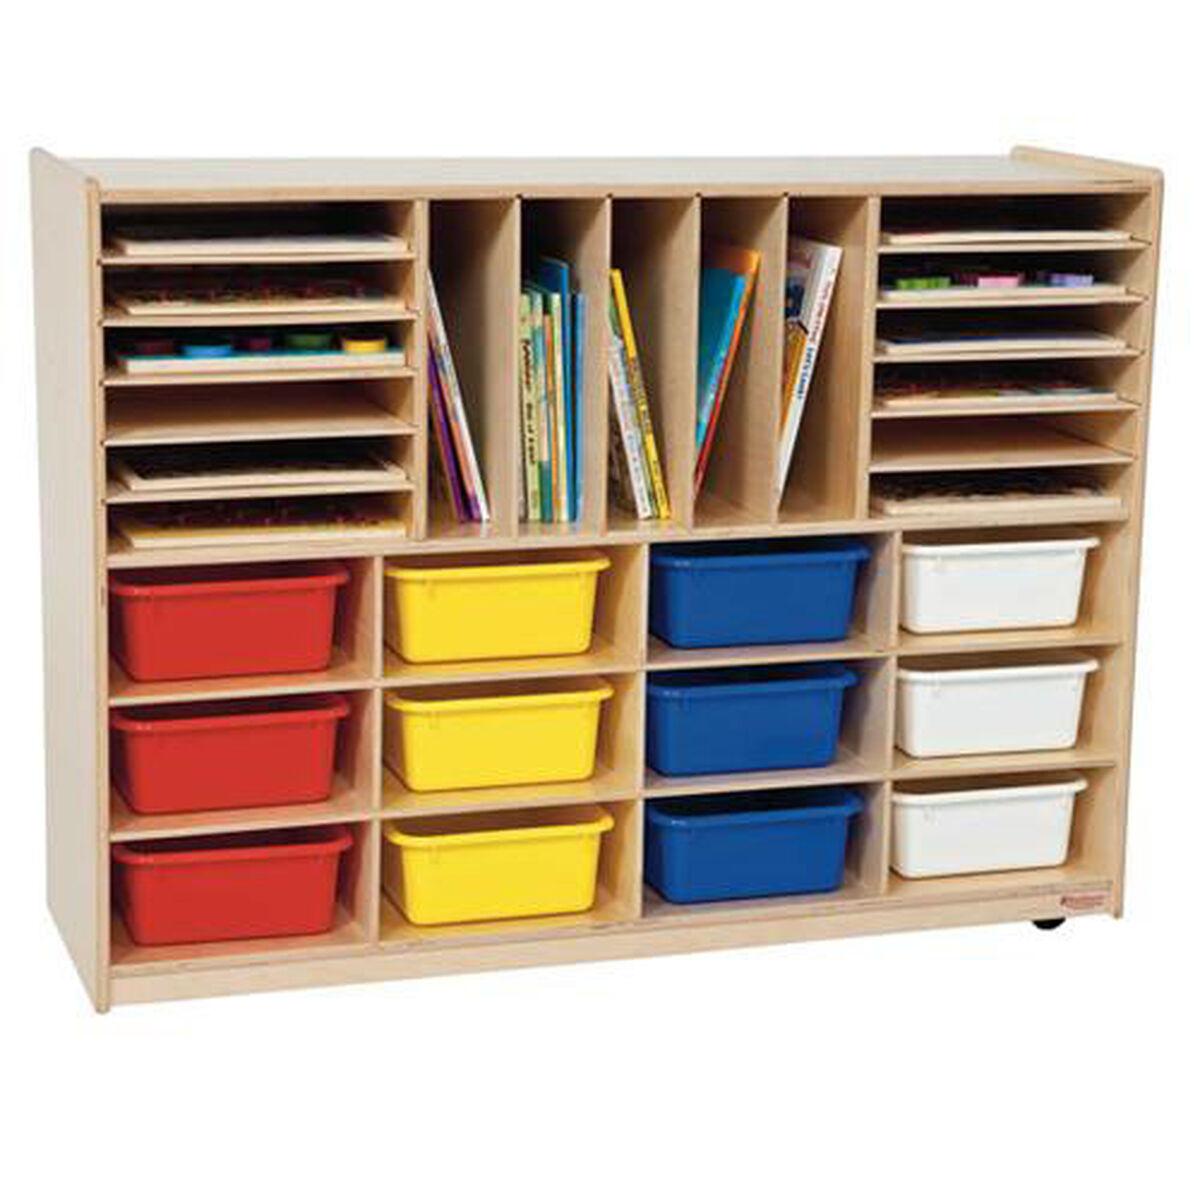 Wood Designs 44003 Wdd